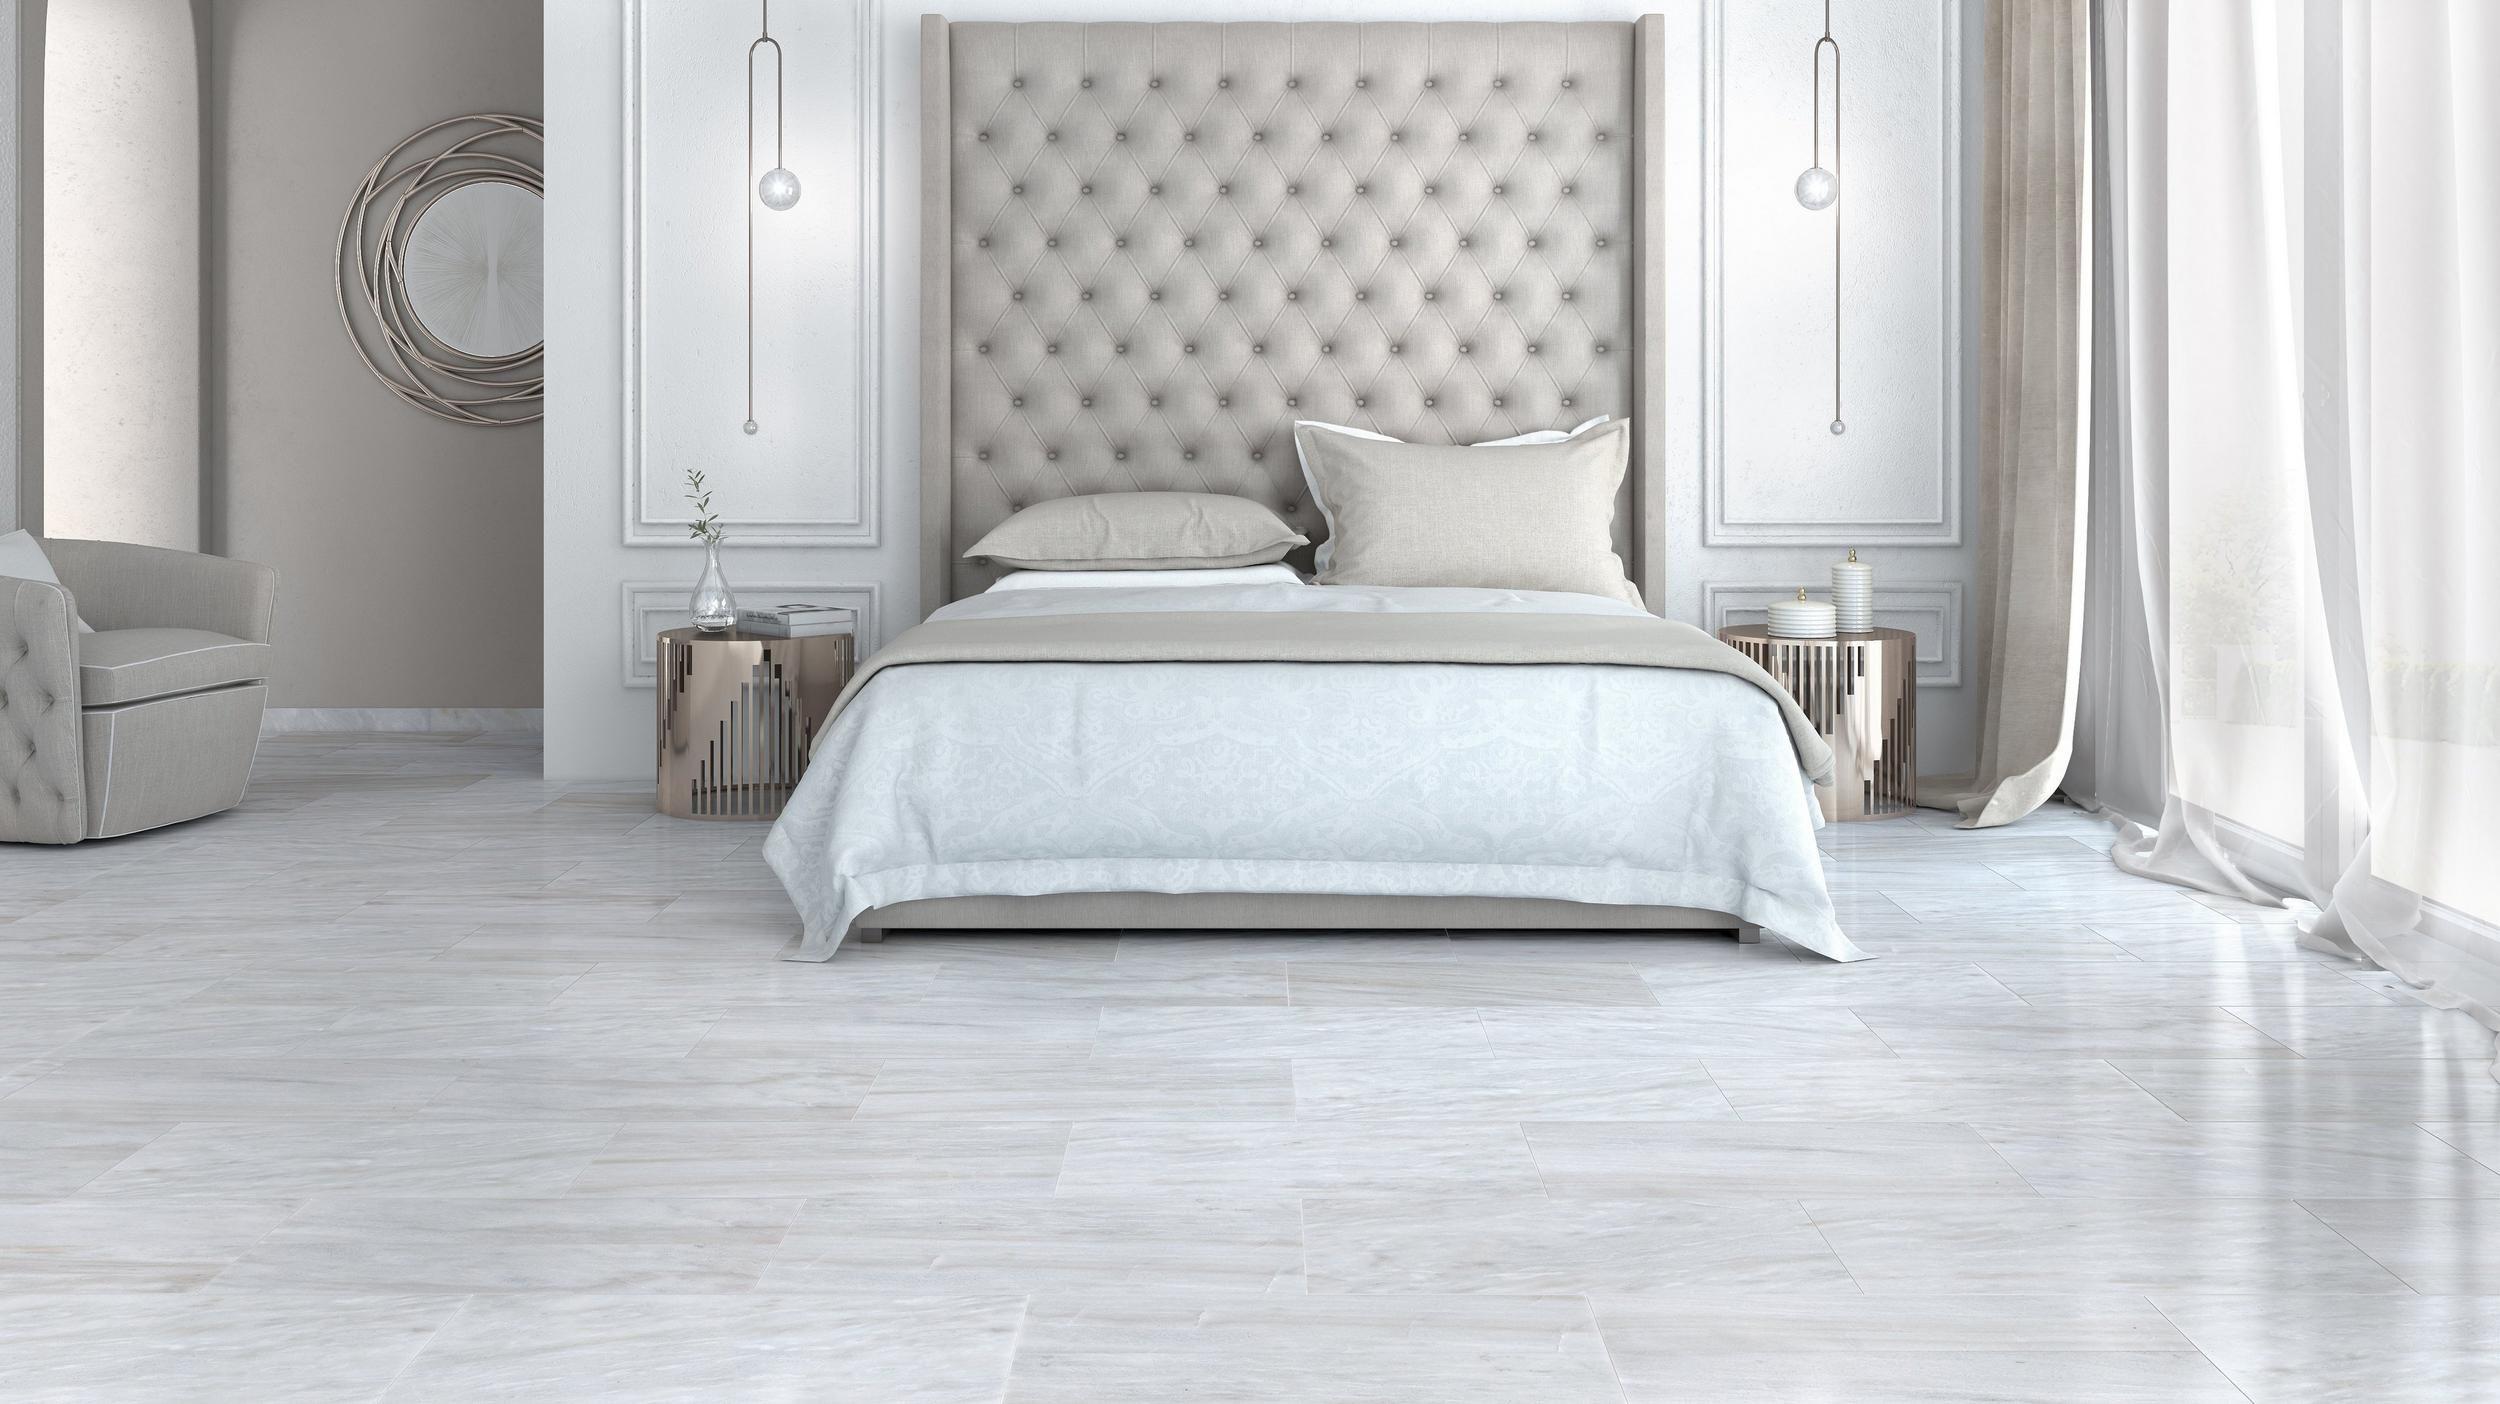 Bedroom Gallery Floor Decor Tile Bedroom Marble Bedroom Luxury Bedroom Master